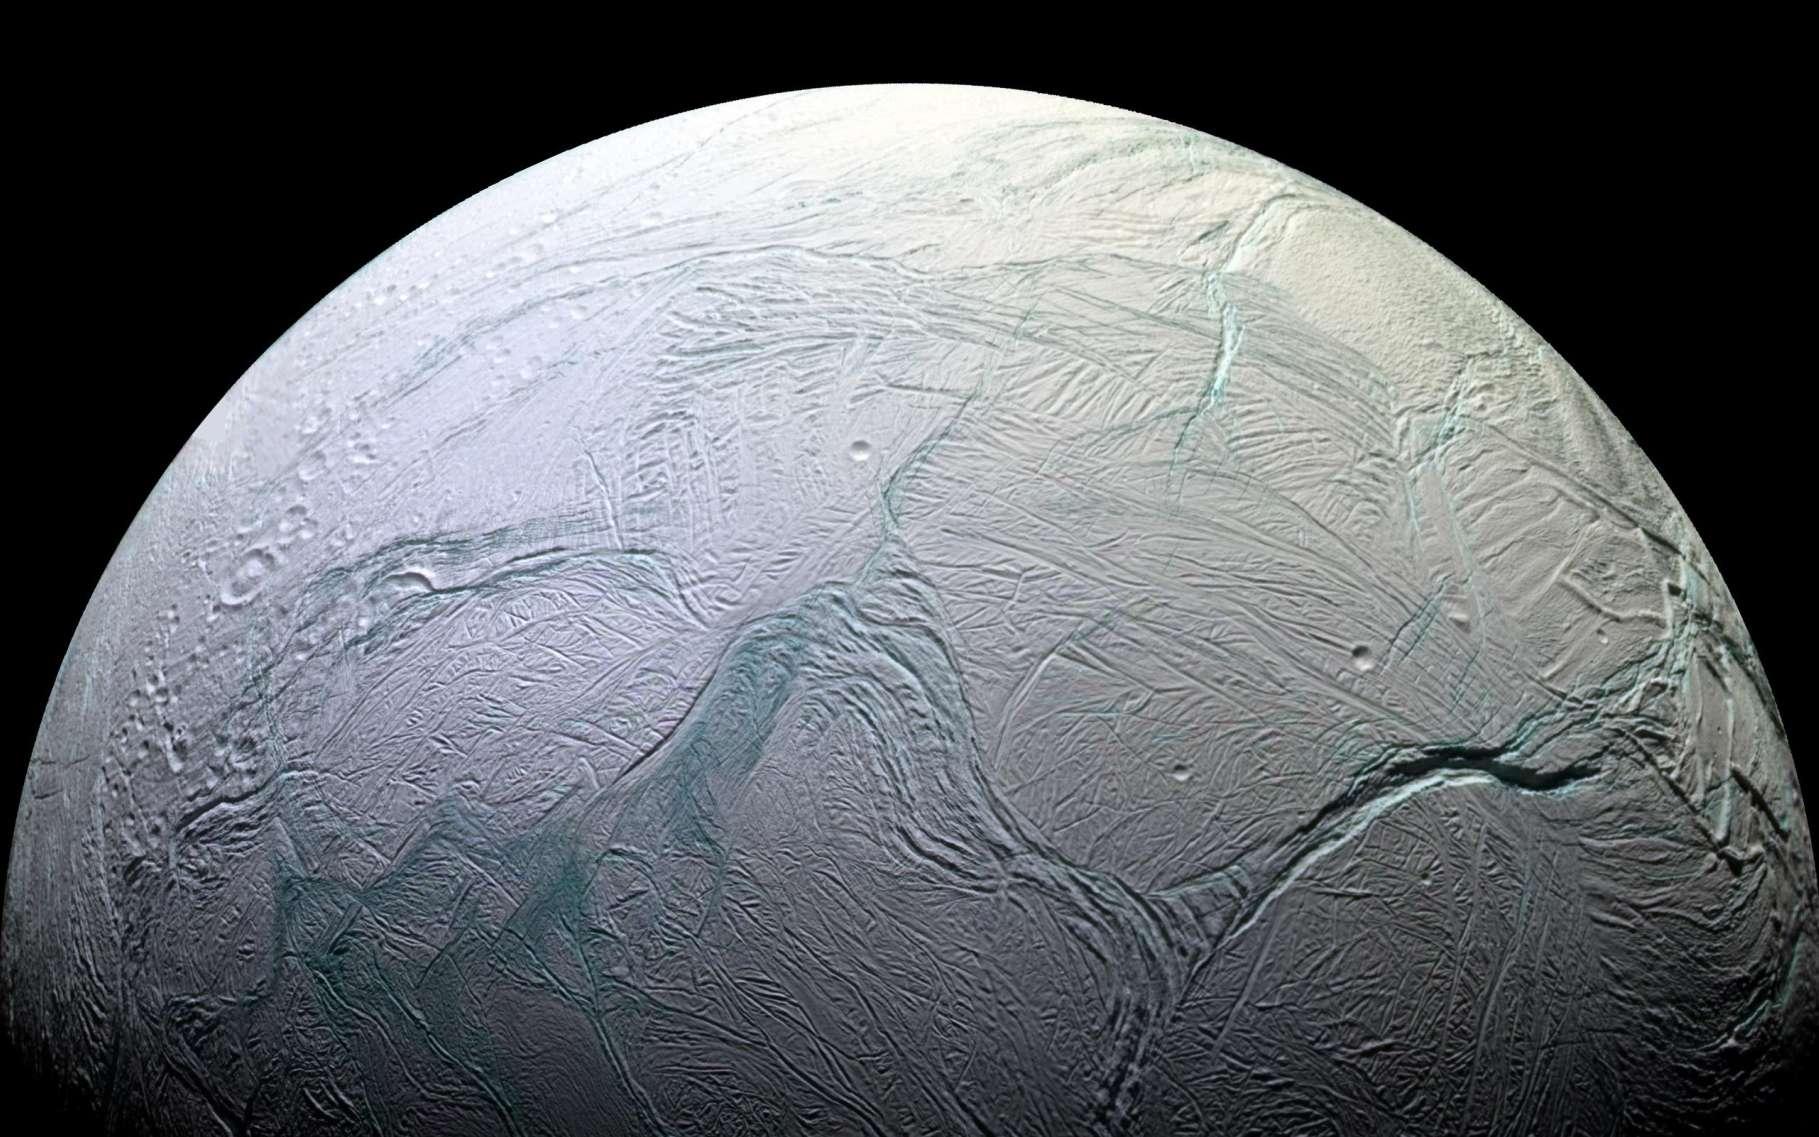 Encelade, un des satellites de Saturne, photographié par la sonde Cassini. Sa surface de glace cache des masses d'eau liquide. Dans ce monde froid, la chaleur vient du malaxage de cette lune par la gravité de la géante gazeuse. L'étude fine de ses mouvements permet de mieux comprendre à la fois Encelade et Saturne. © Nasa